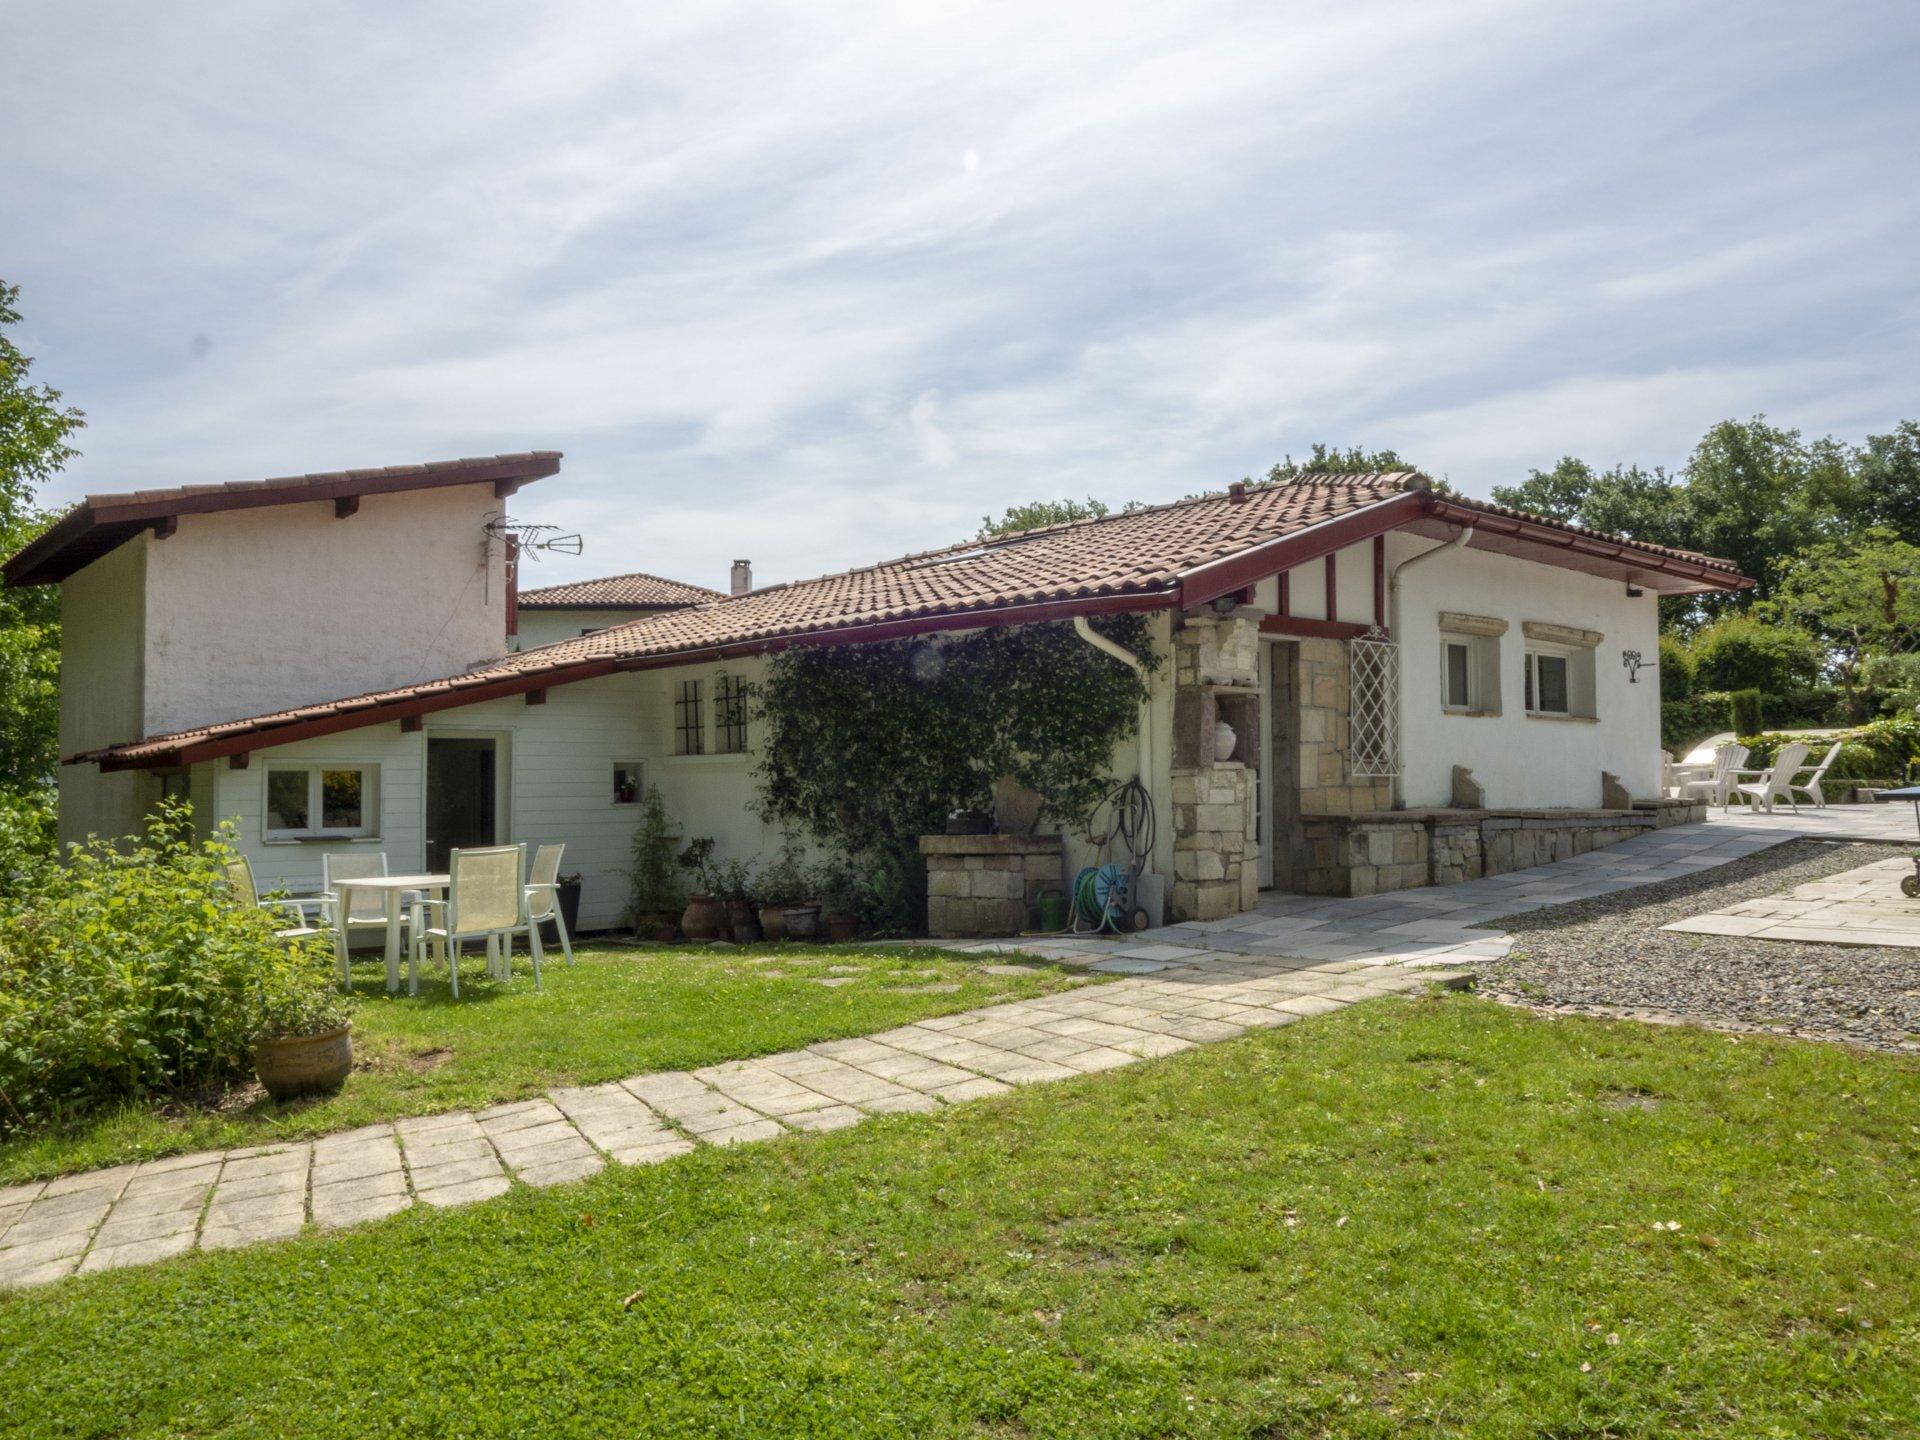 Maison de caractère au bourg de Bassussarry